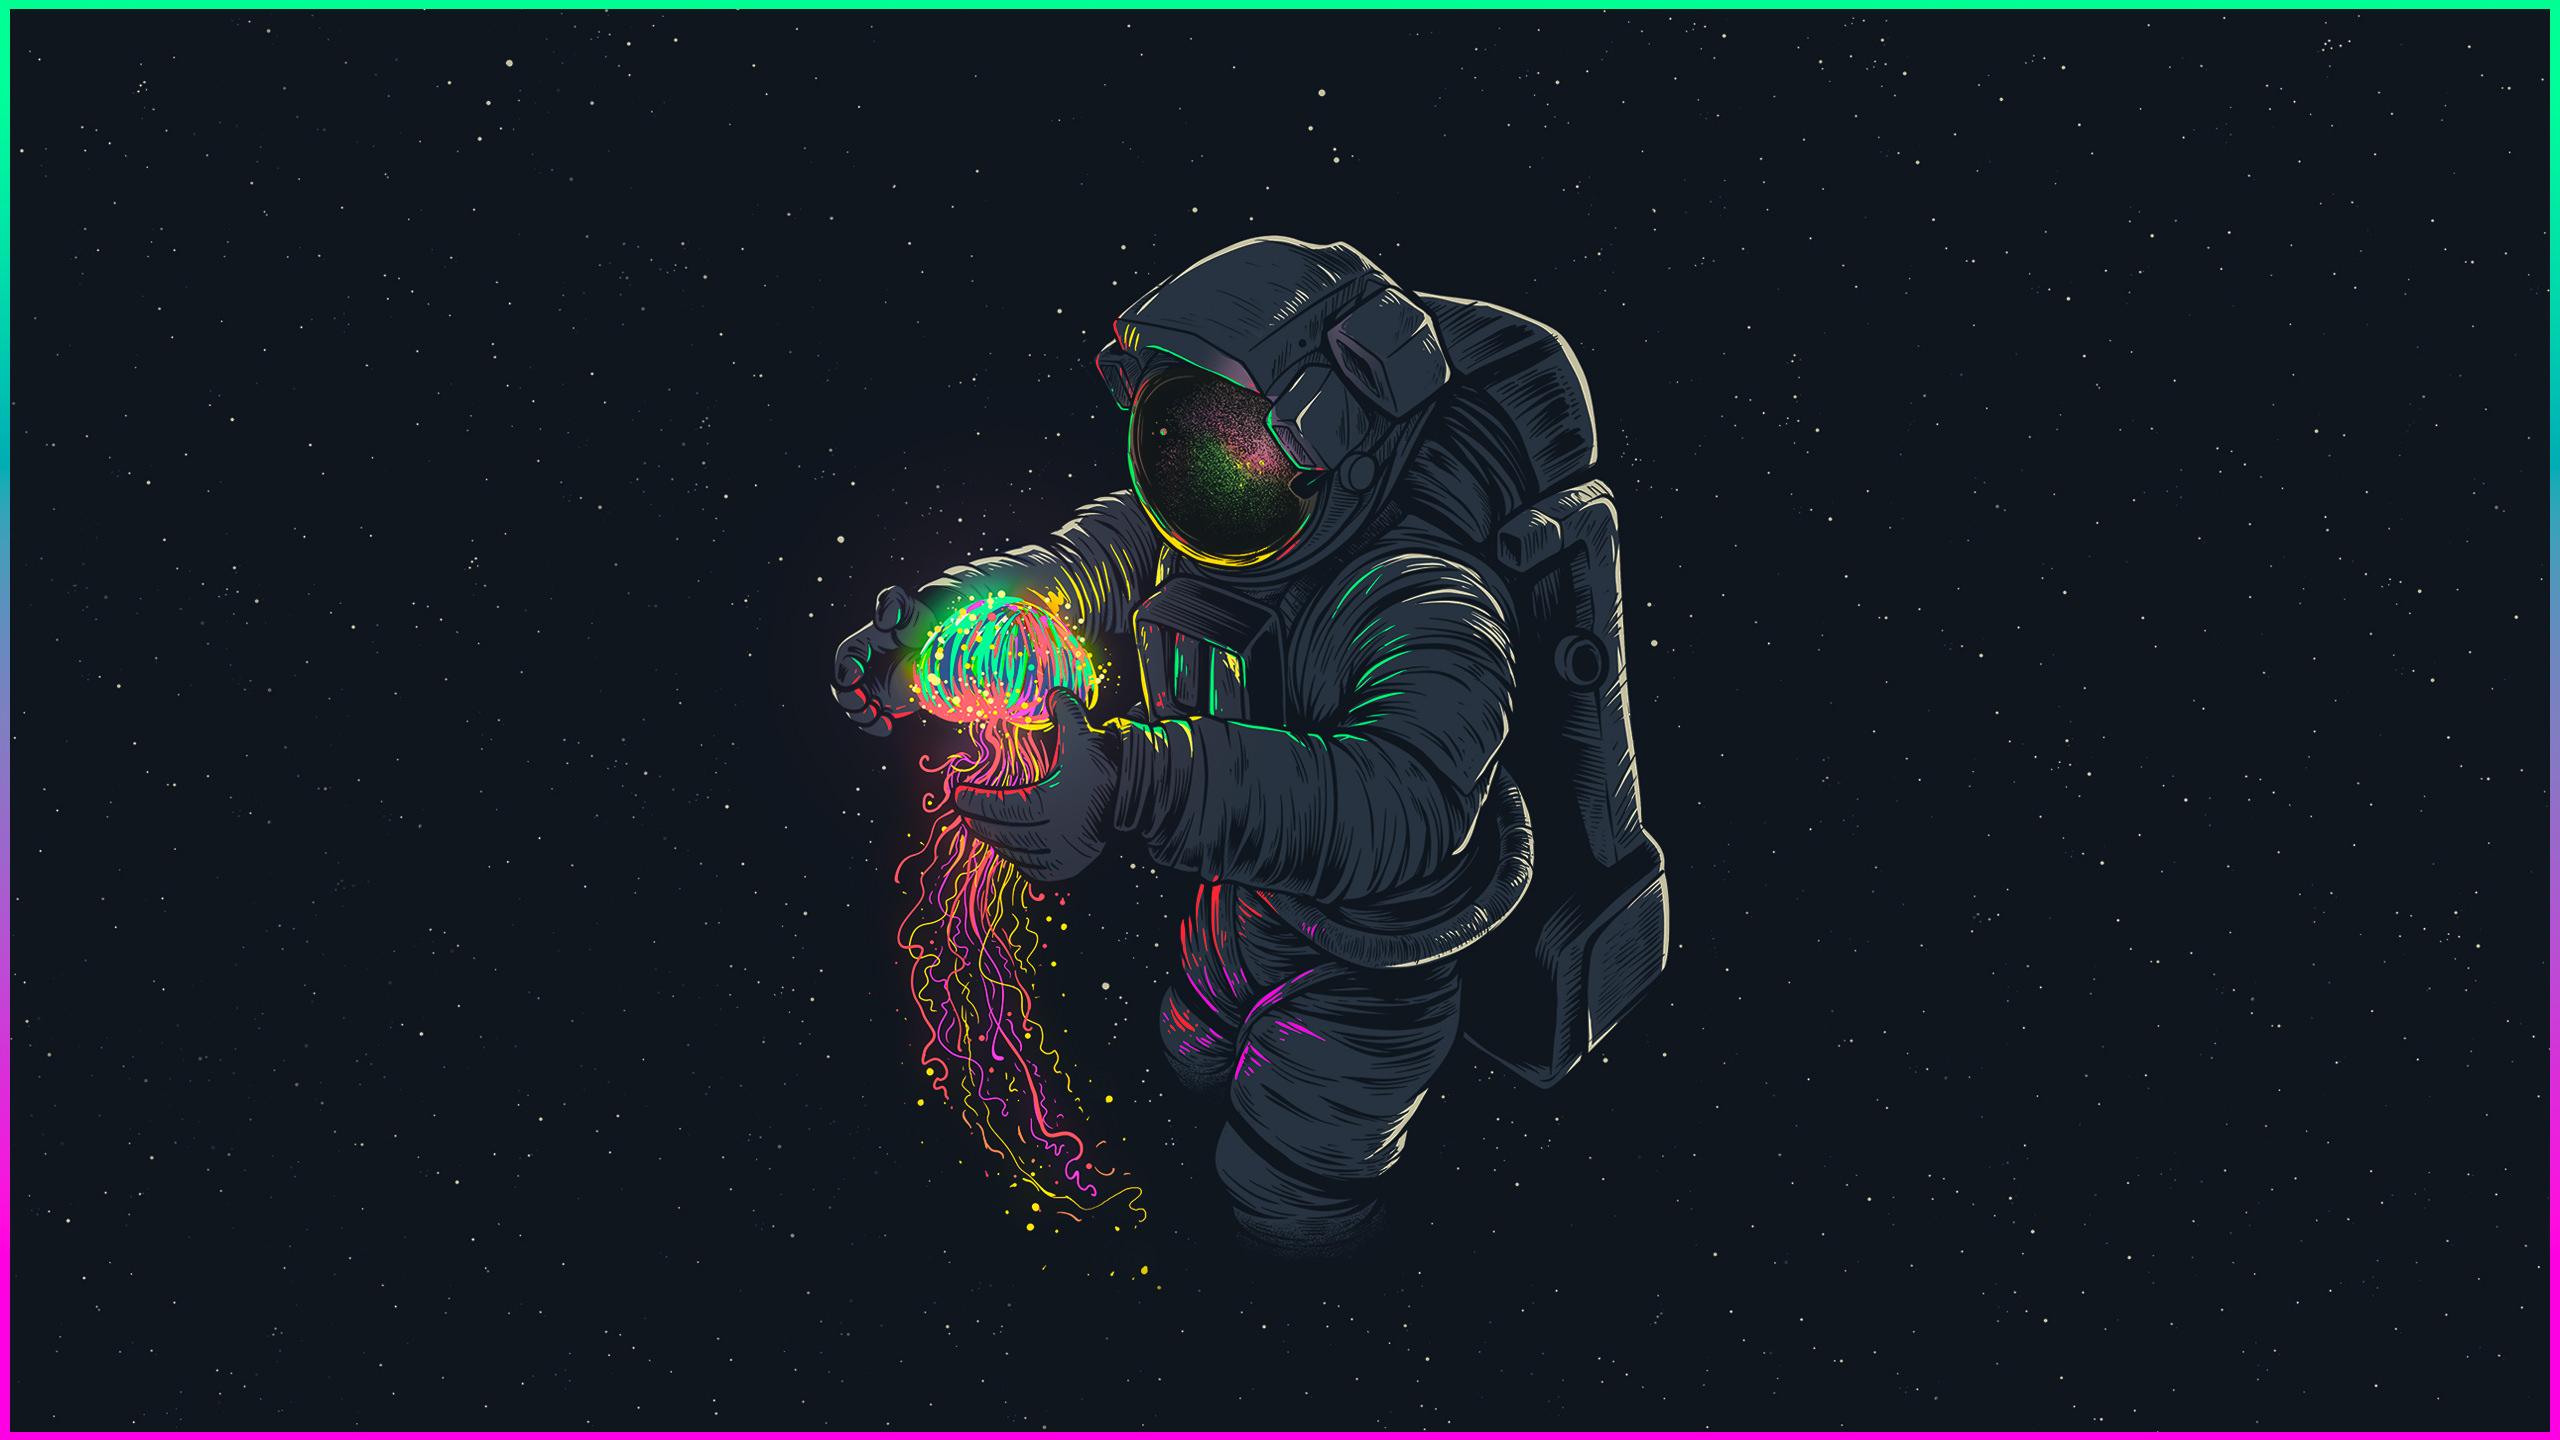 Astronaut 2560 X 1440 En 2019 Gorge